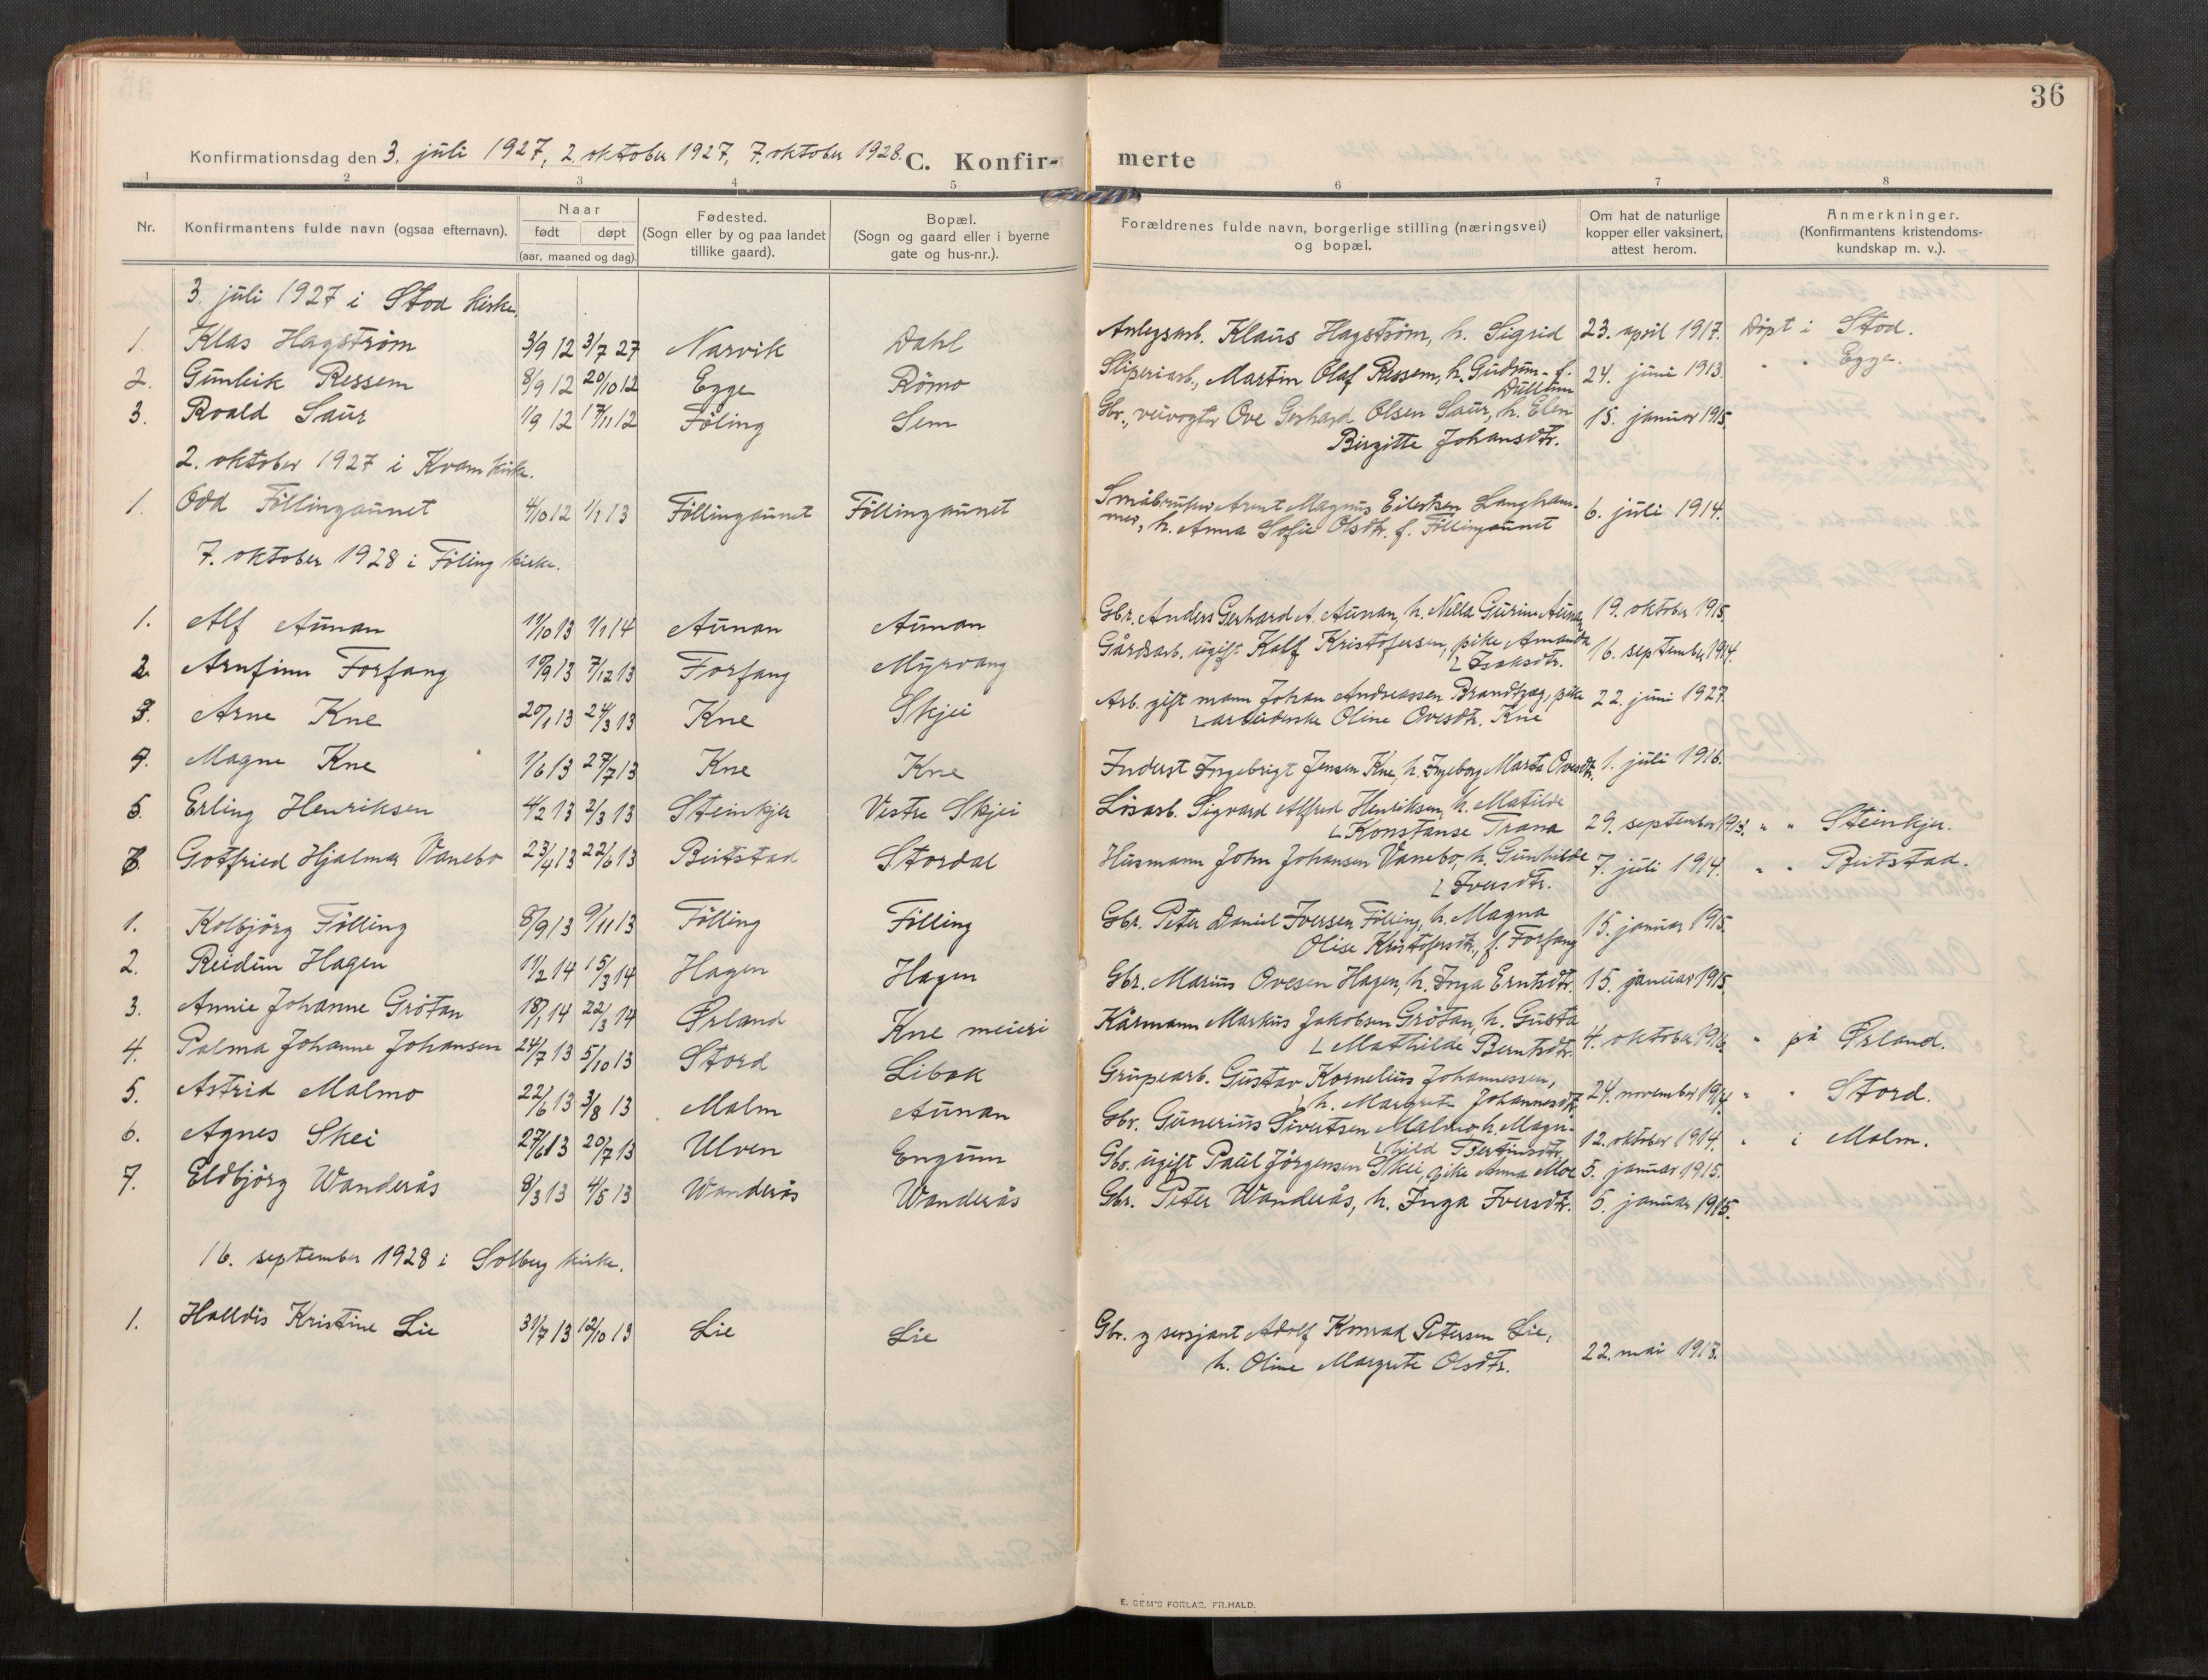 SAT, Stod sokneprestkontor, I/I1/I1a/L0003: Parish register (official) no. 3, 1909-1934, p. 36